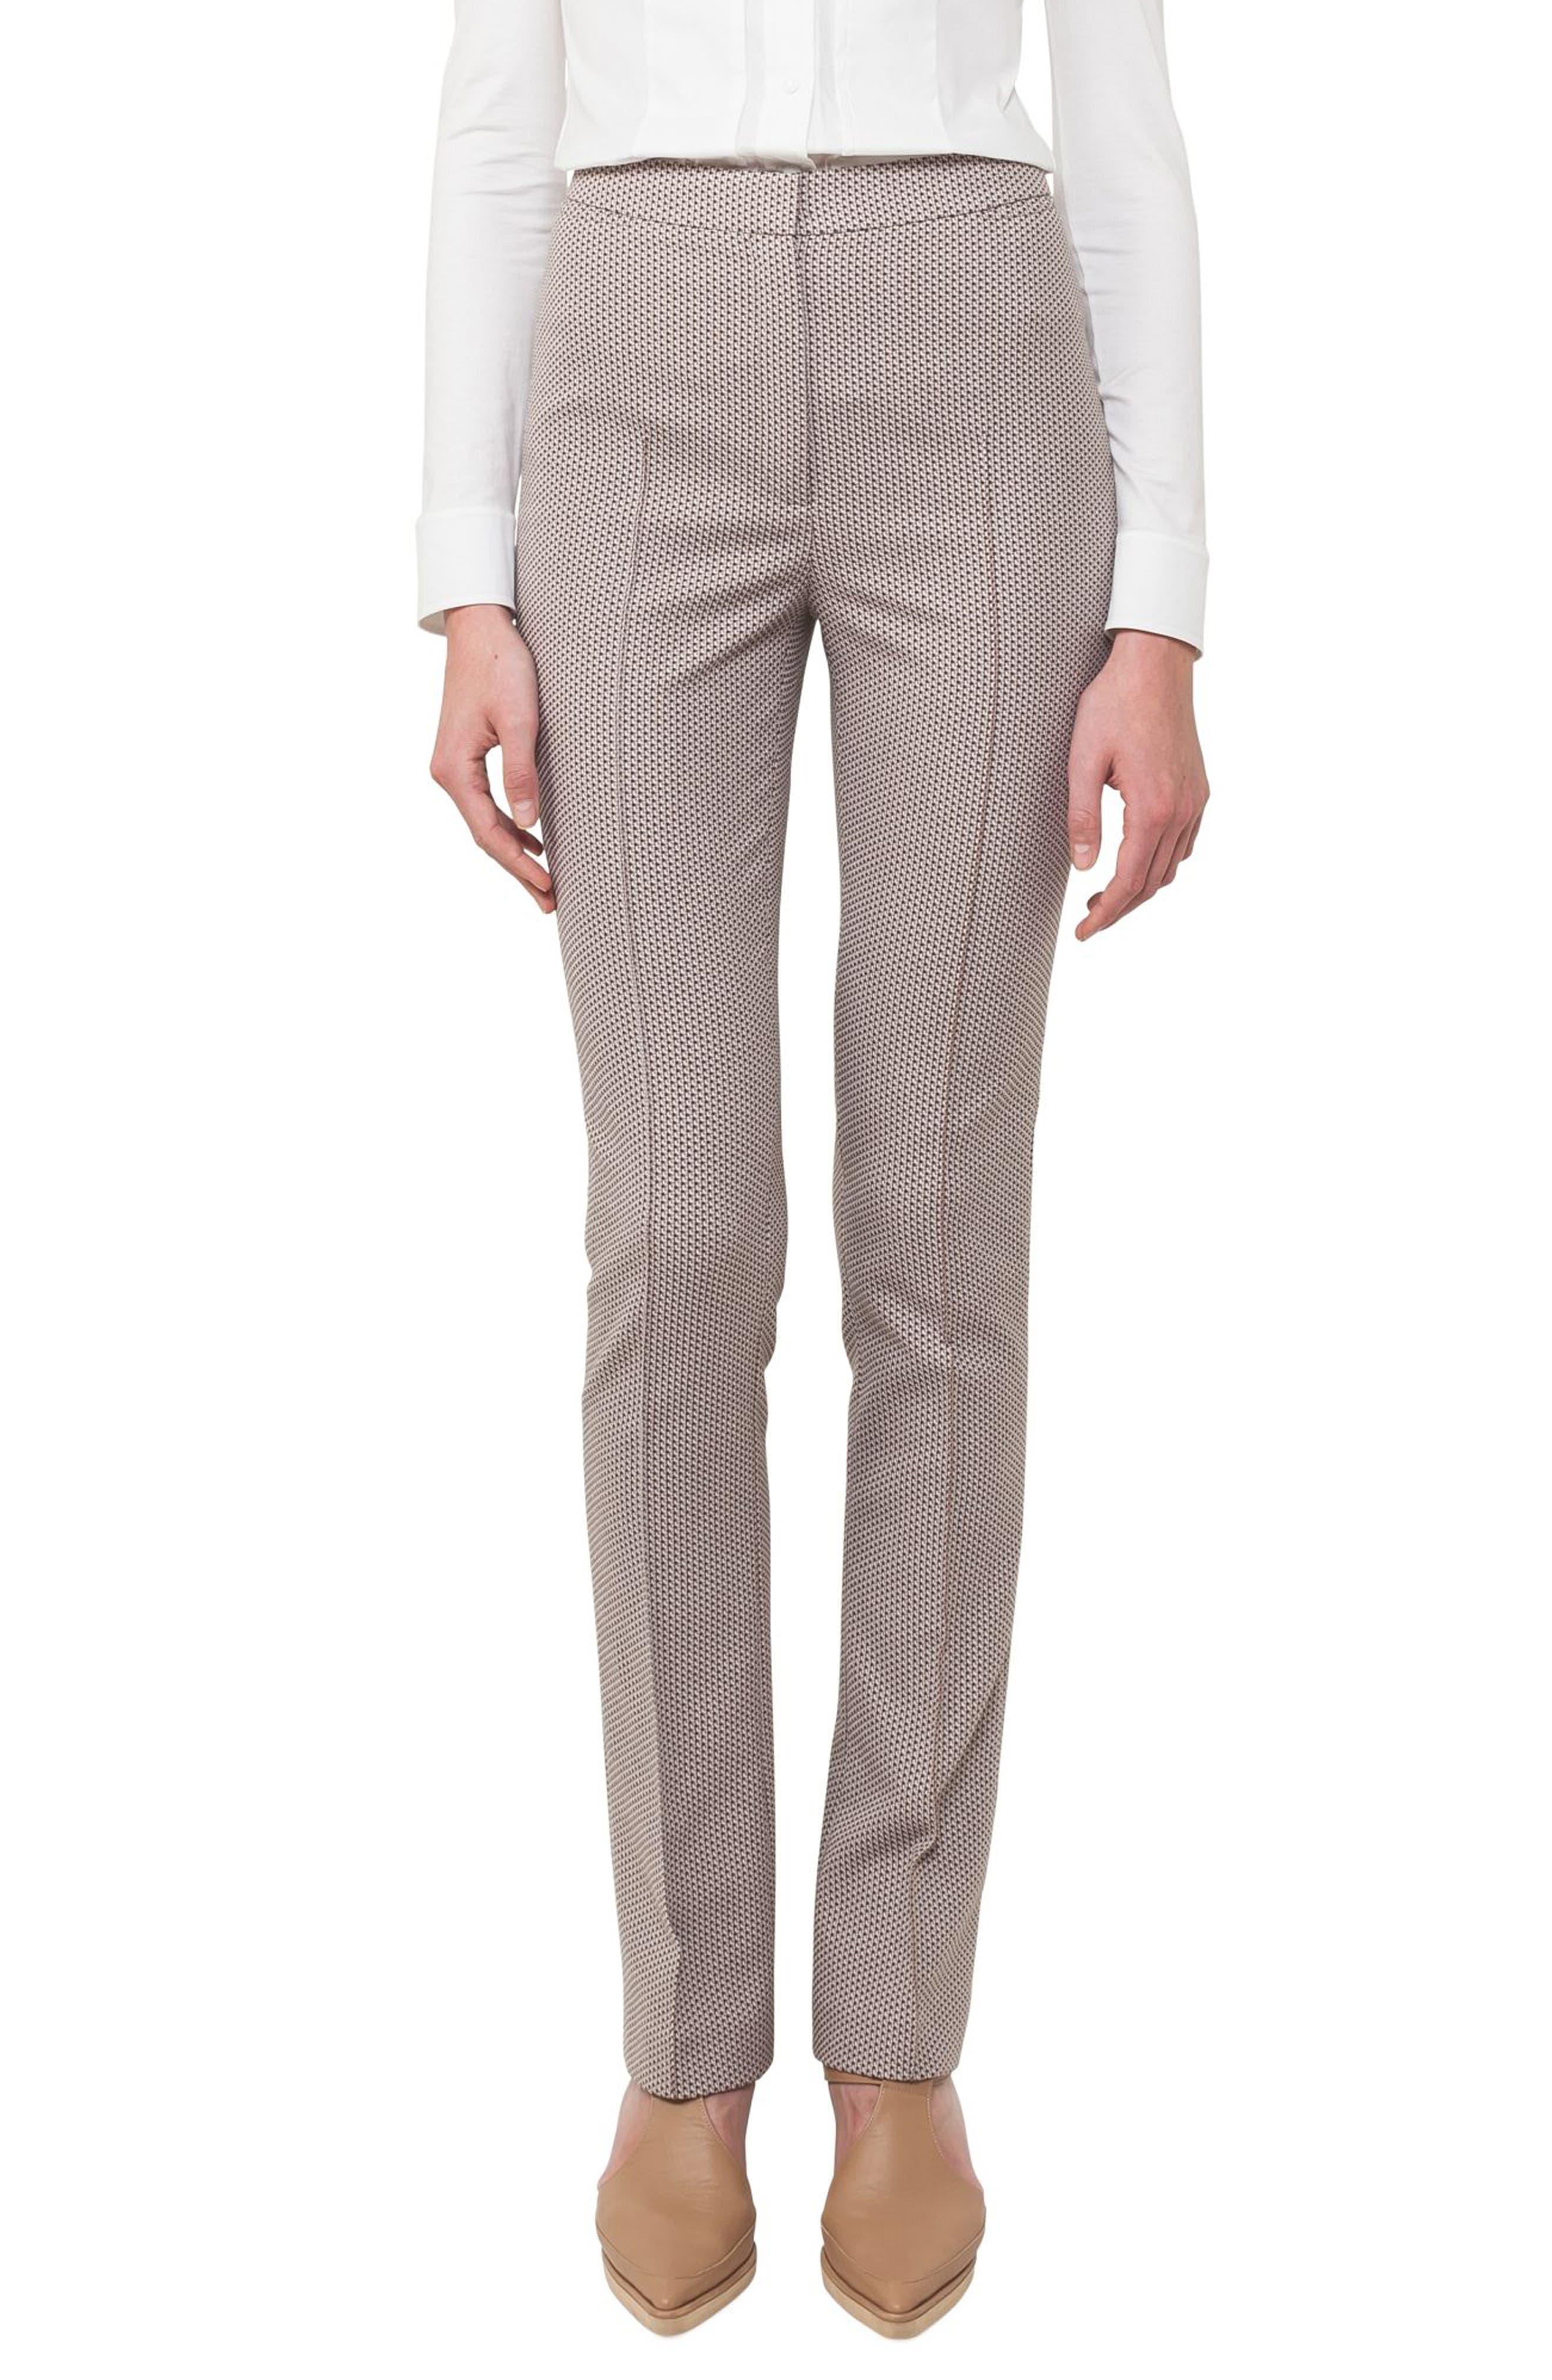 Claire Stretch Cotton Pants,                         Main,                         color, 250